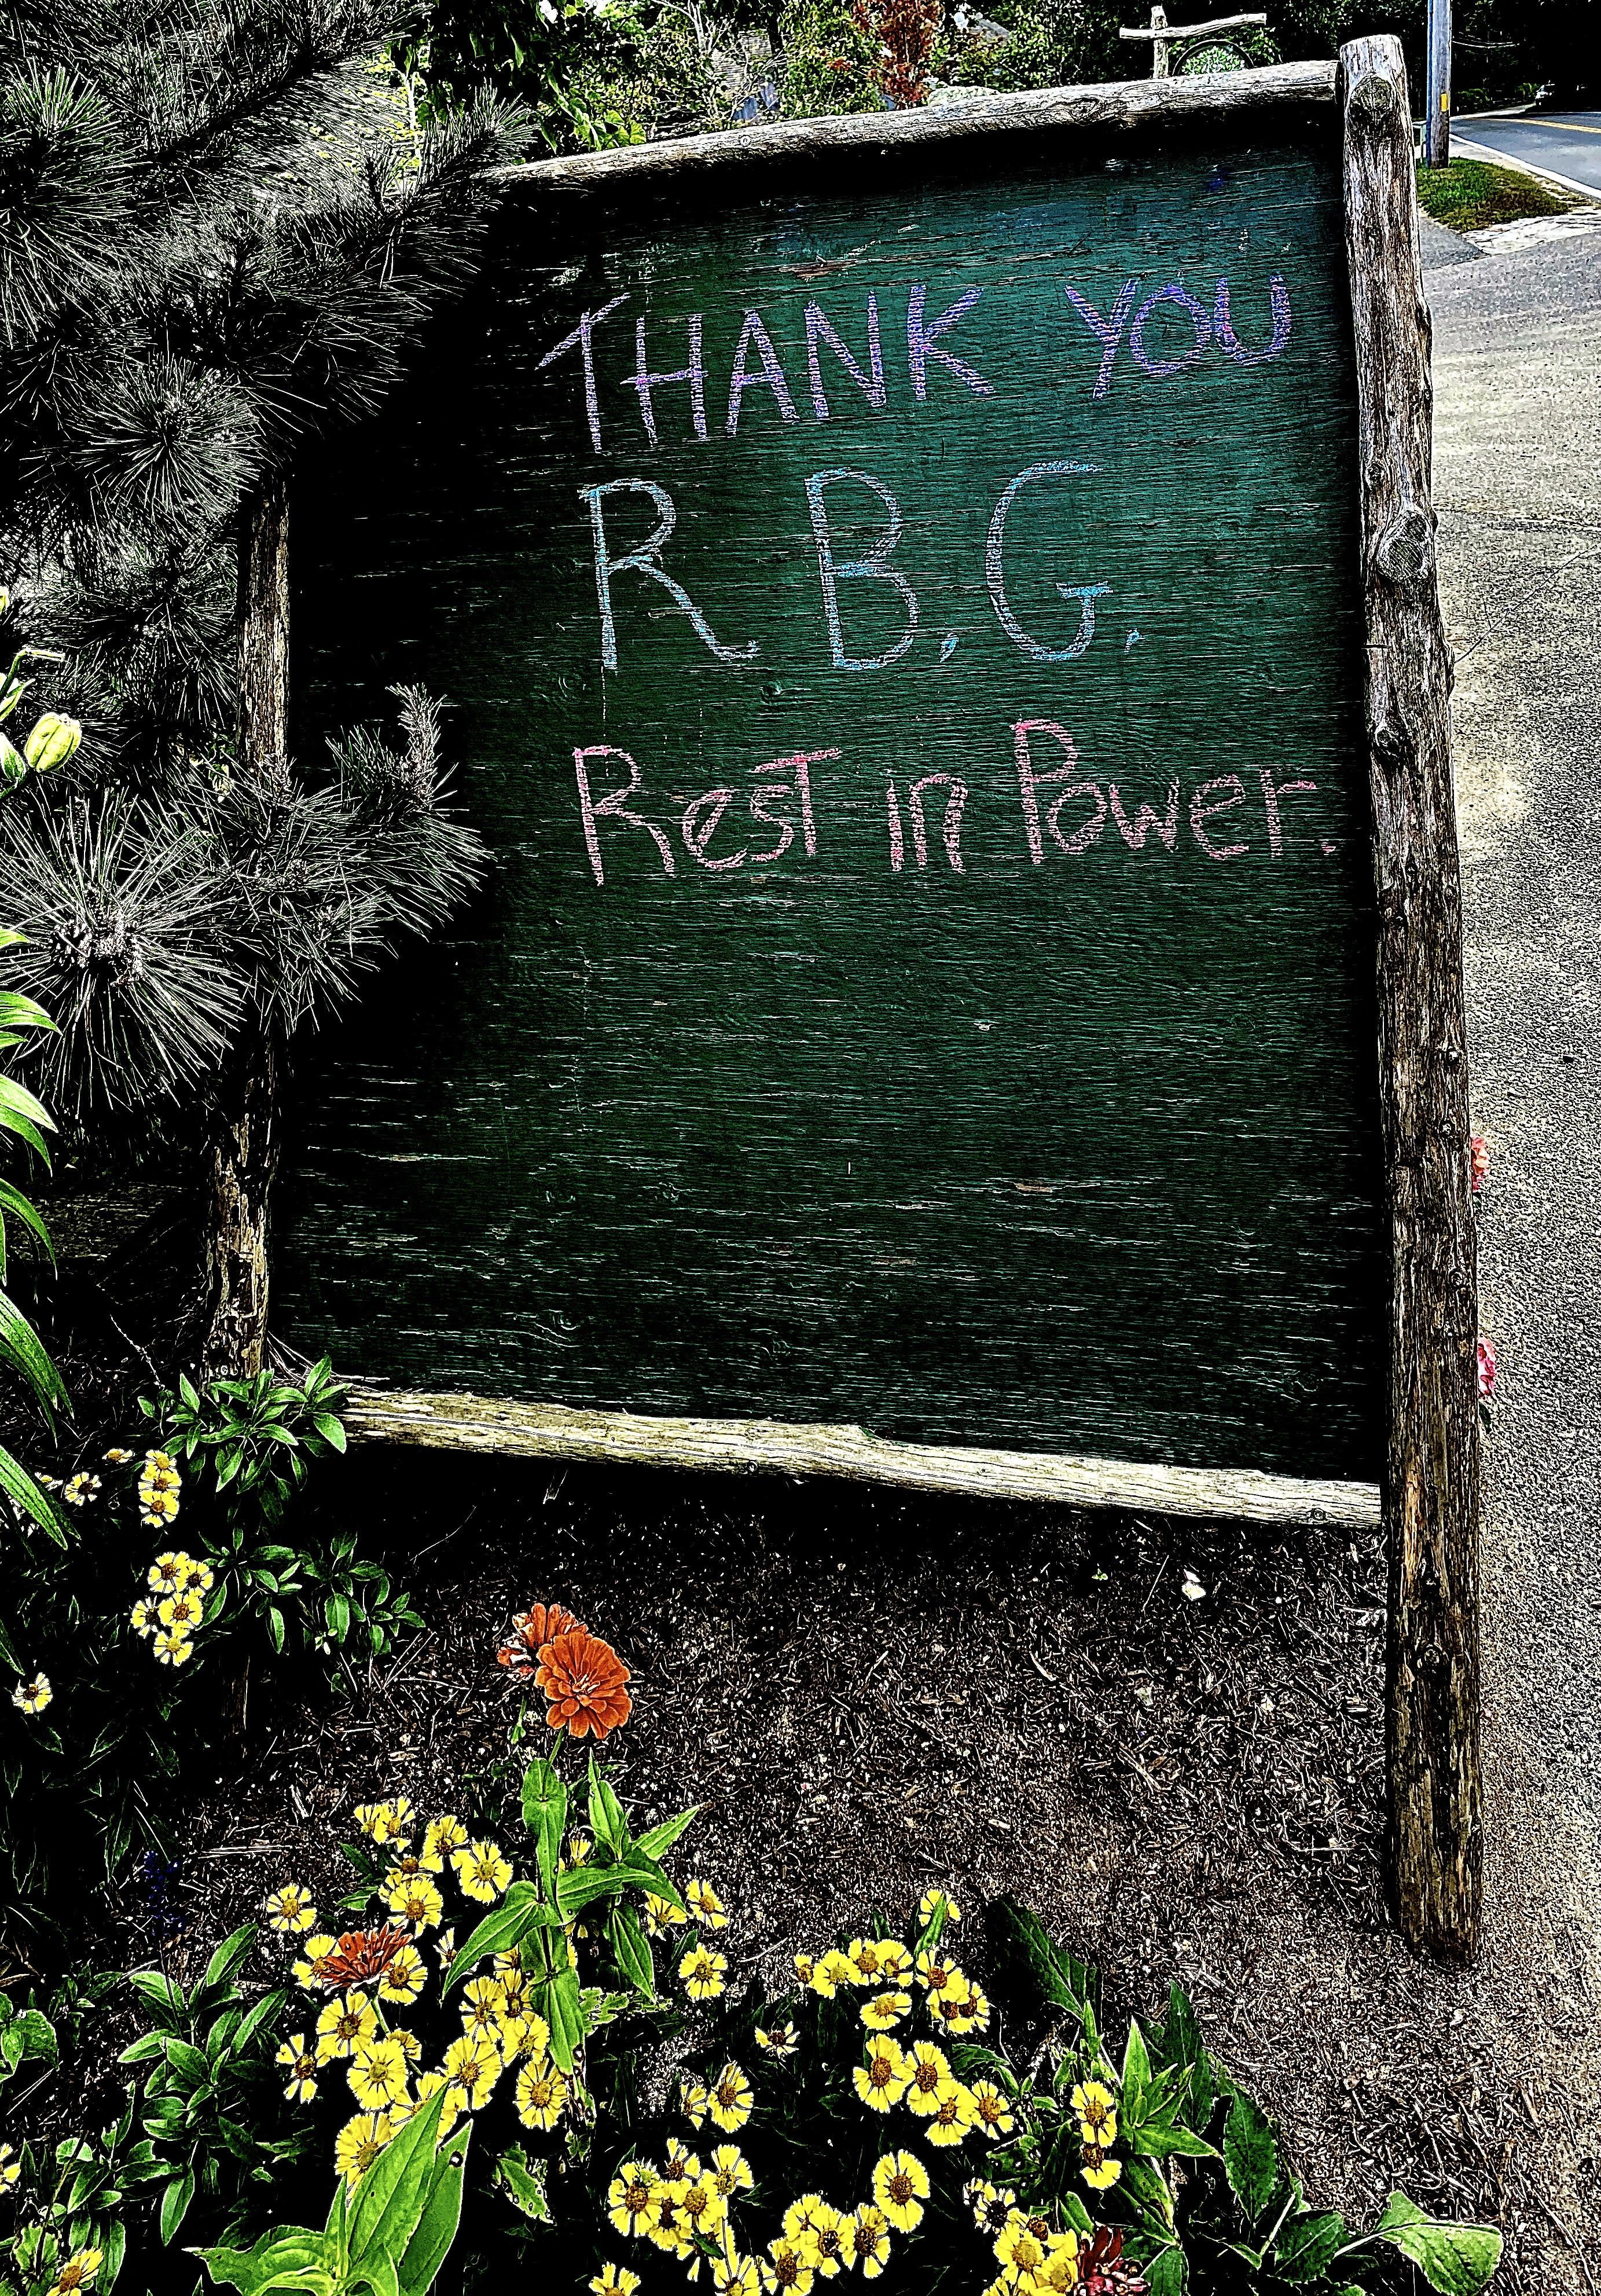 Thank you R.B.G